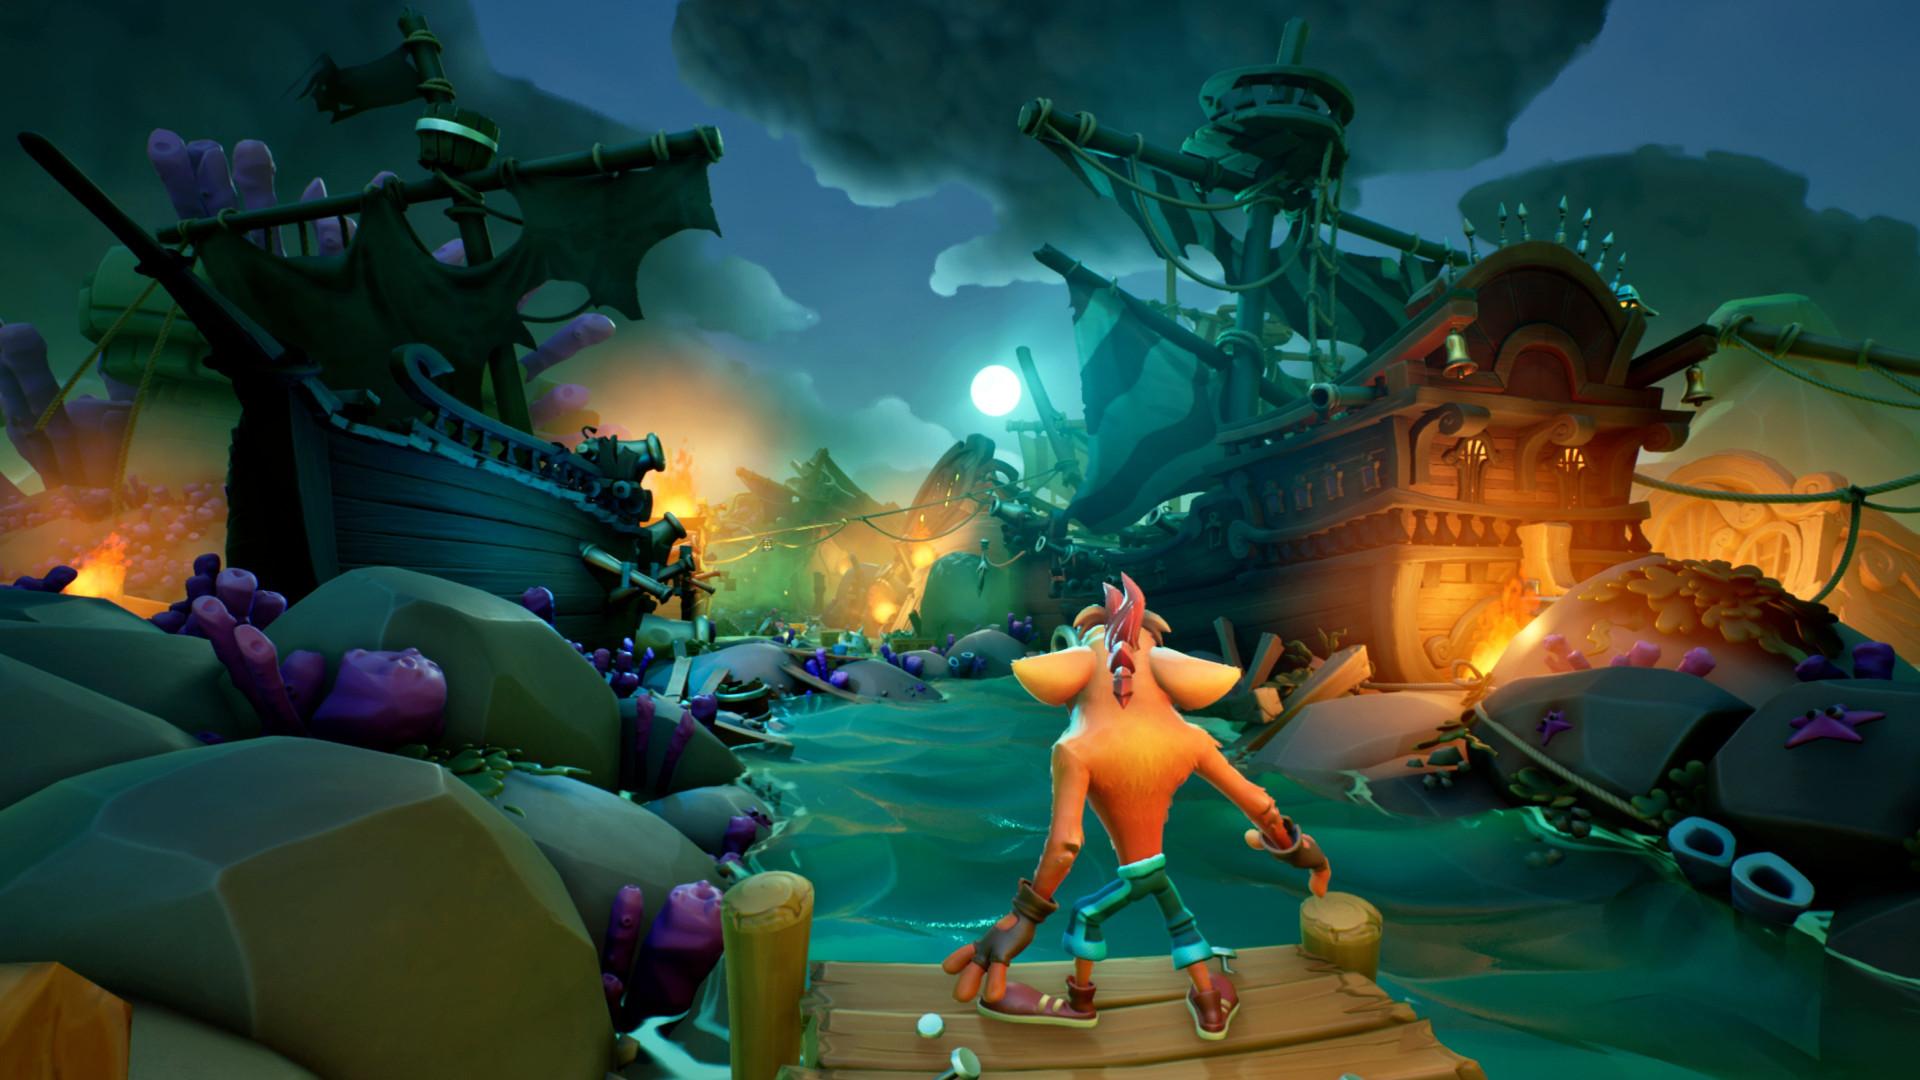 Трейлер Crash Bandicoot 4: It's About Time — игра выйдет 2 октября 2